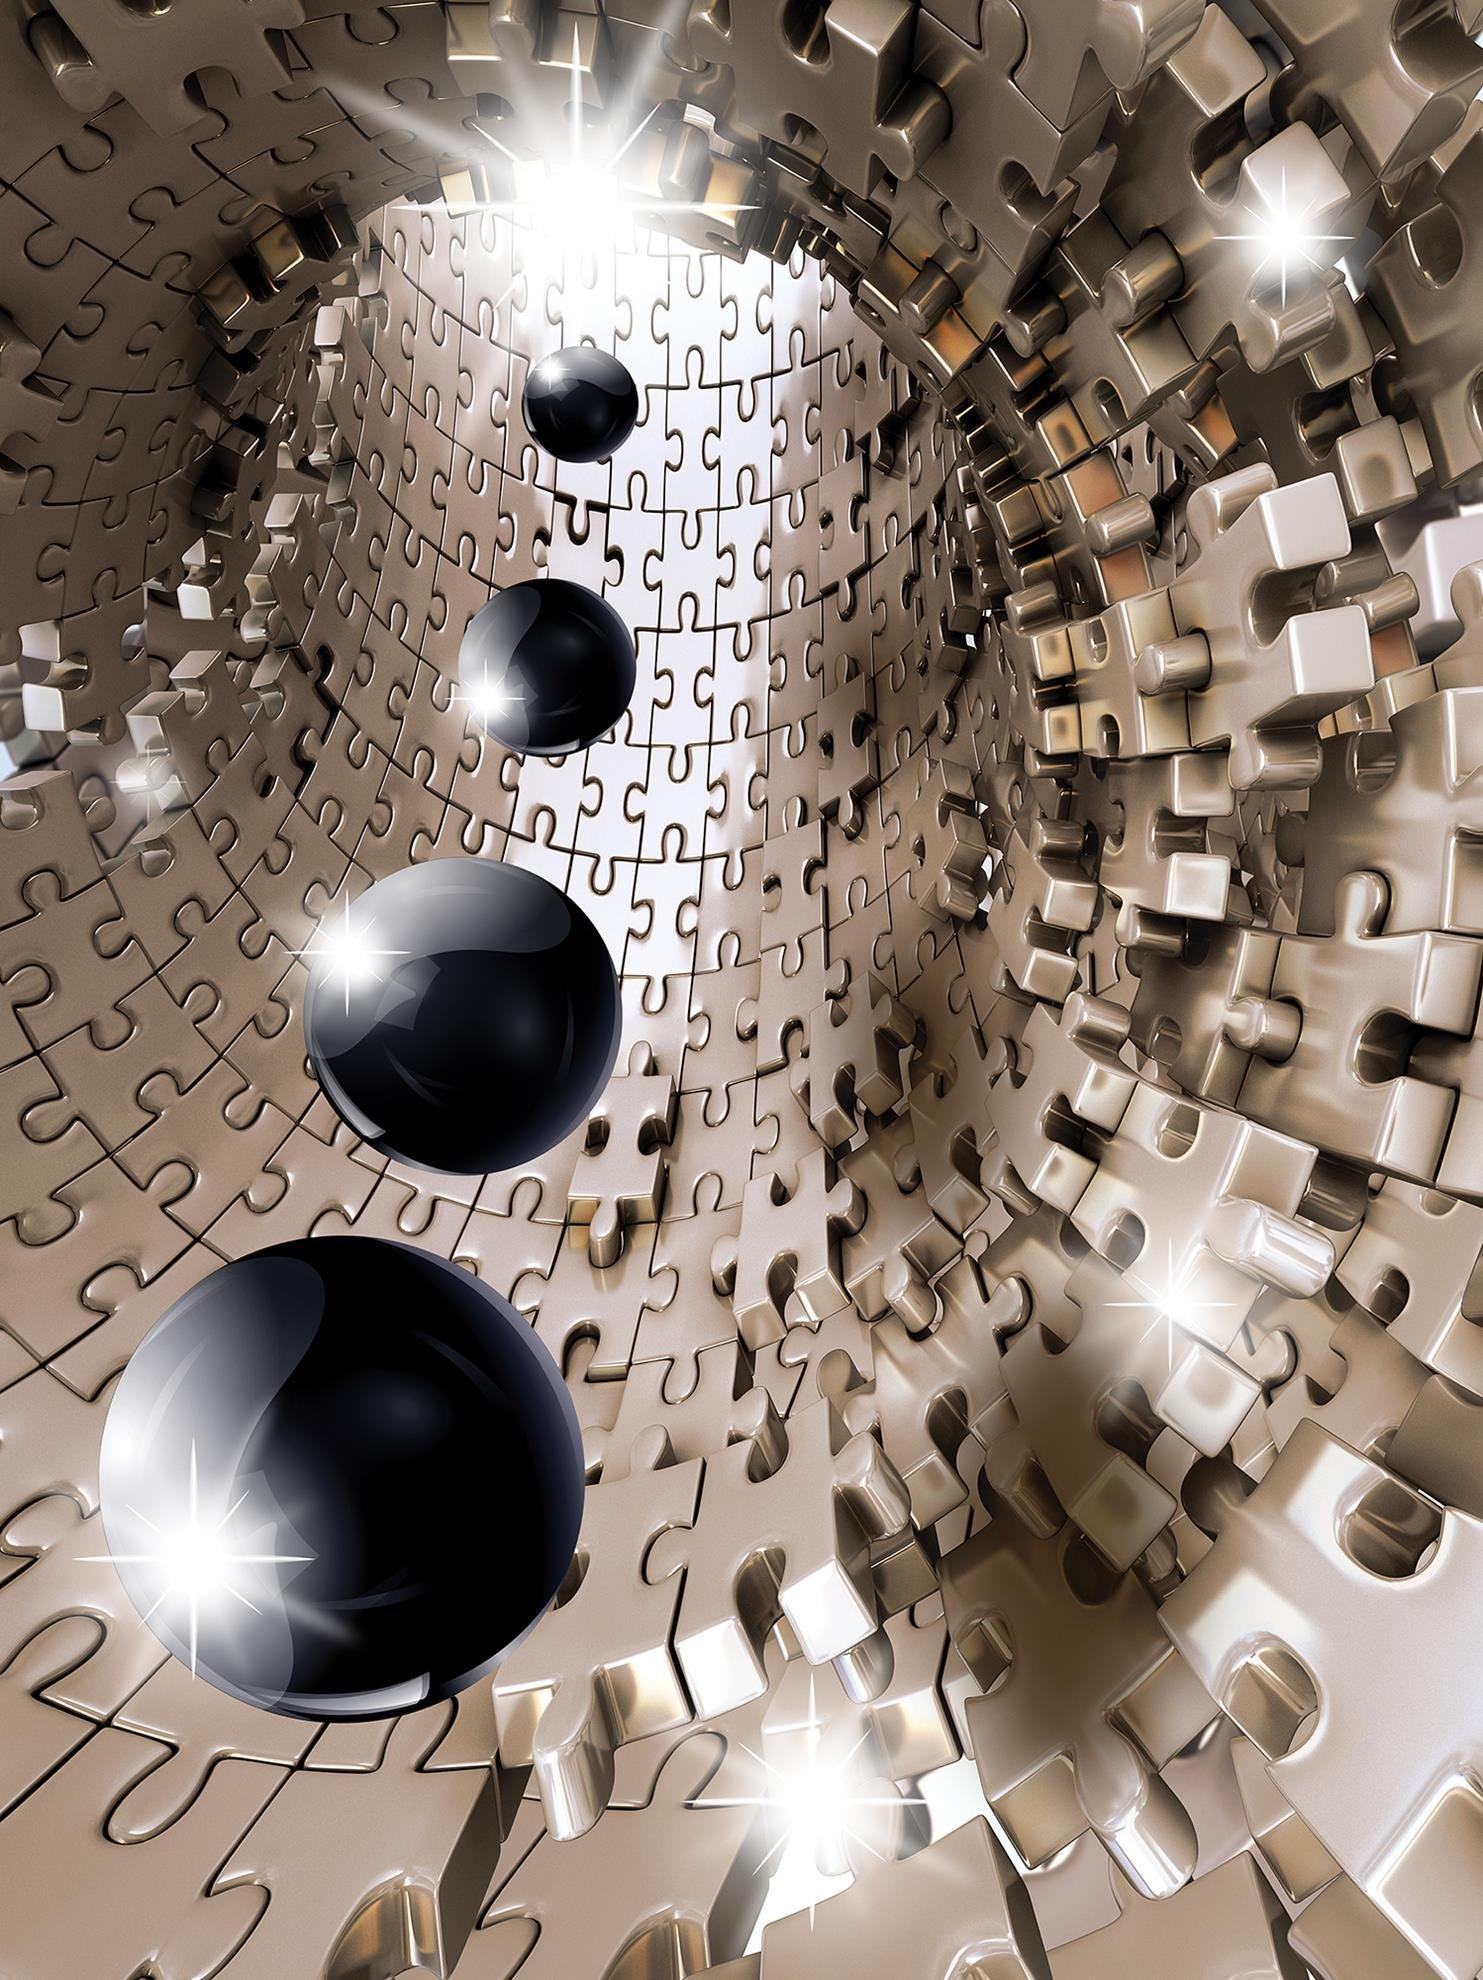 Fototapeta 3D abstrakcja kule fototapety